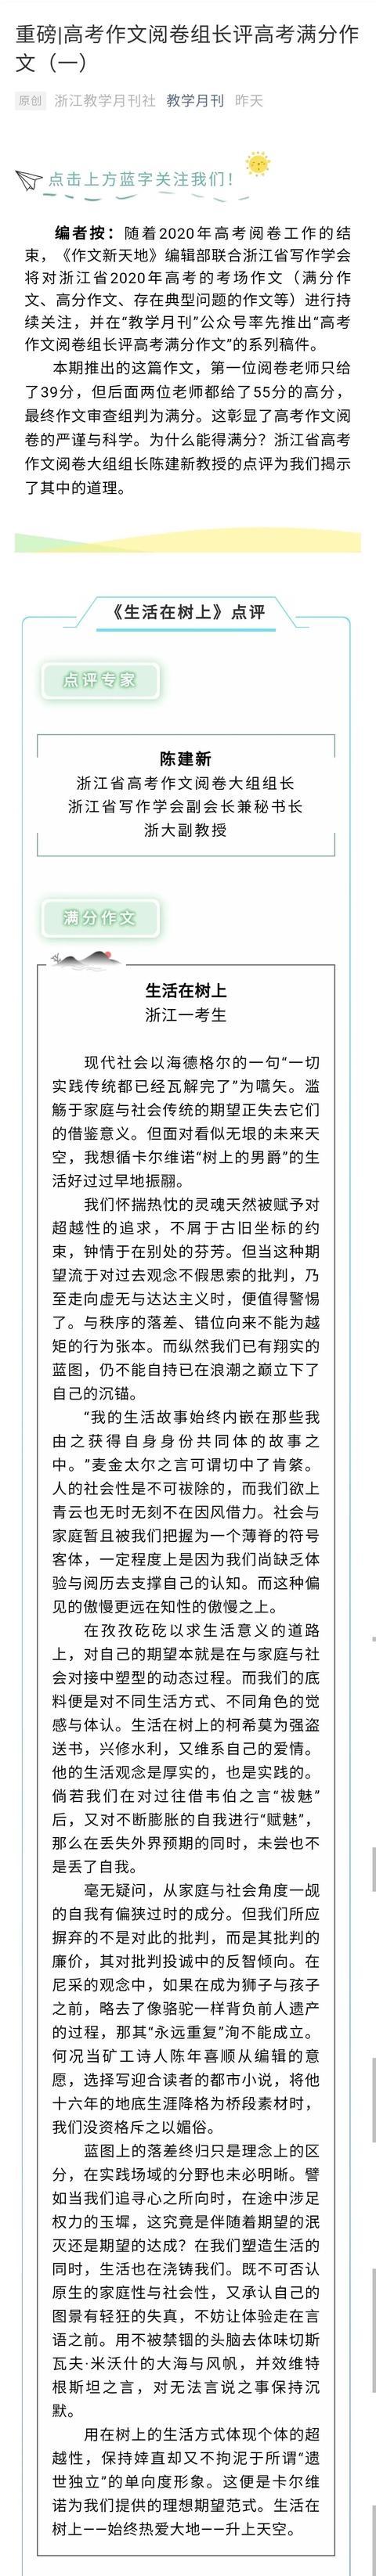 """浙江高考满分作文""""在树上"""",公共表达需要下树""""说人话"""""""